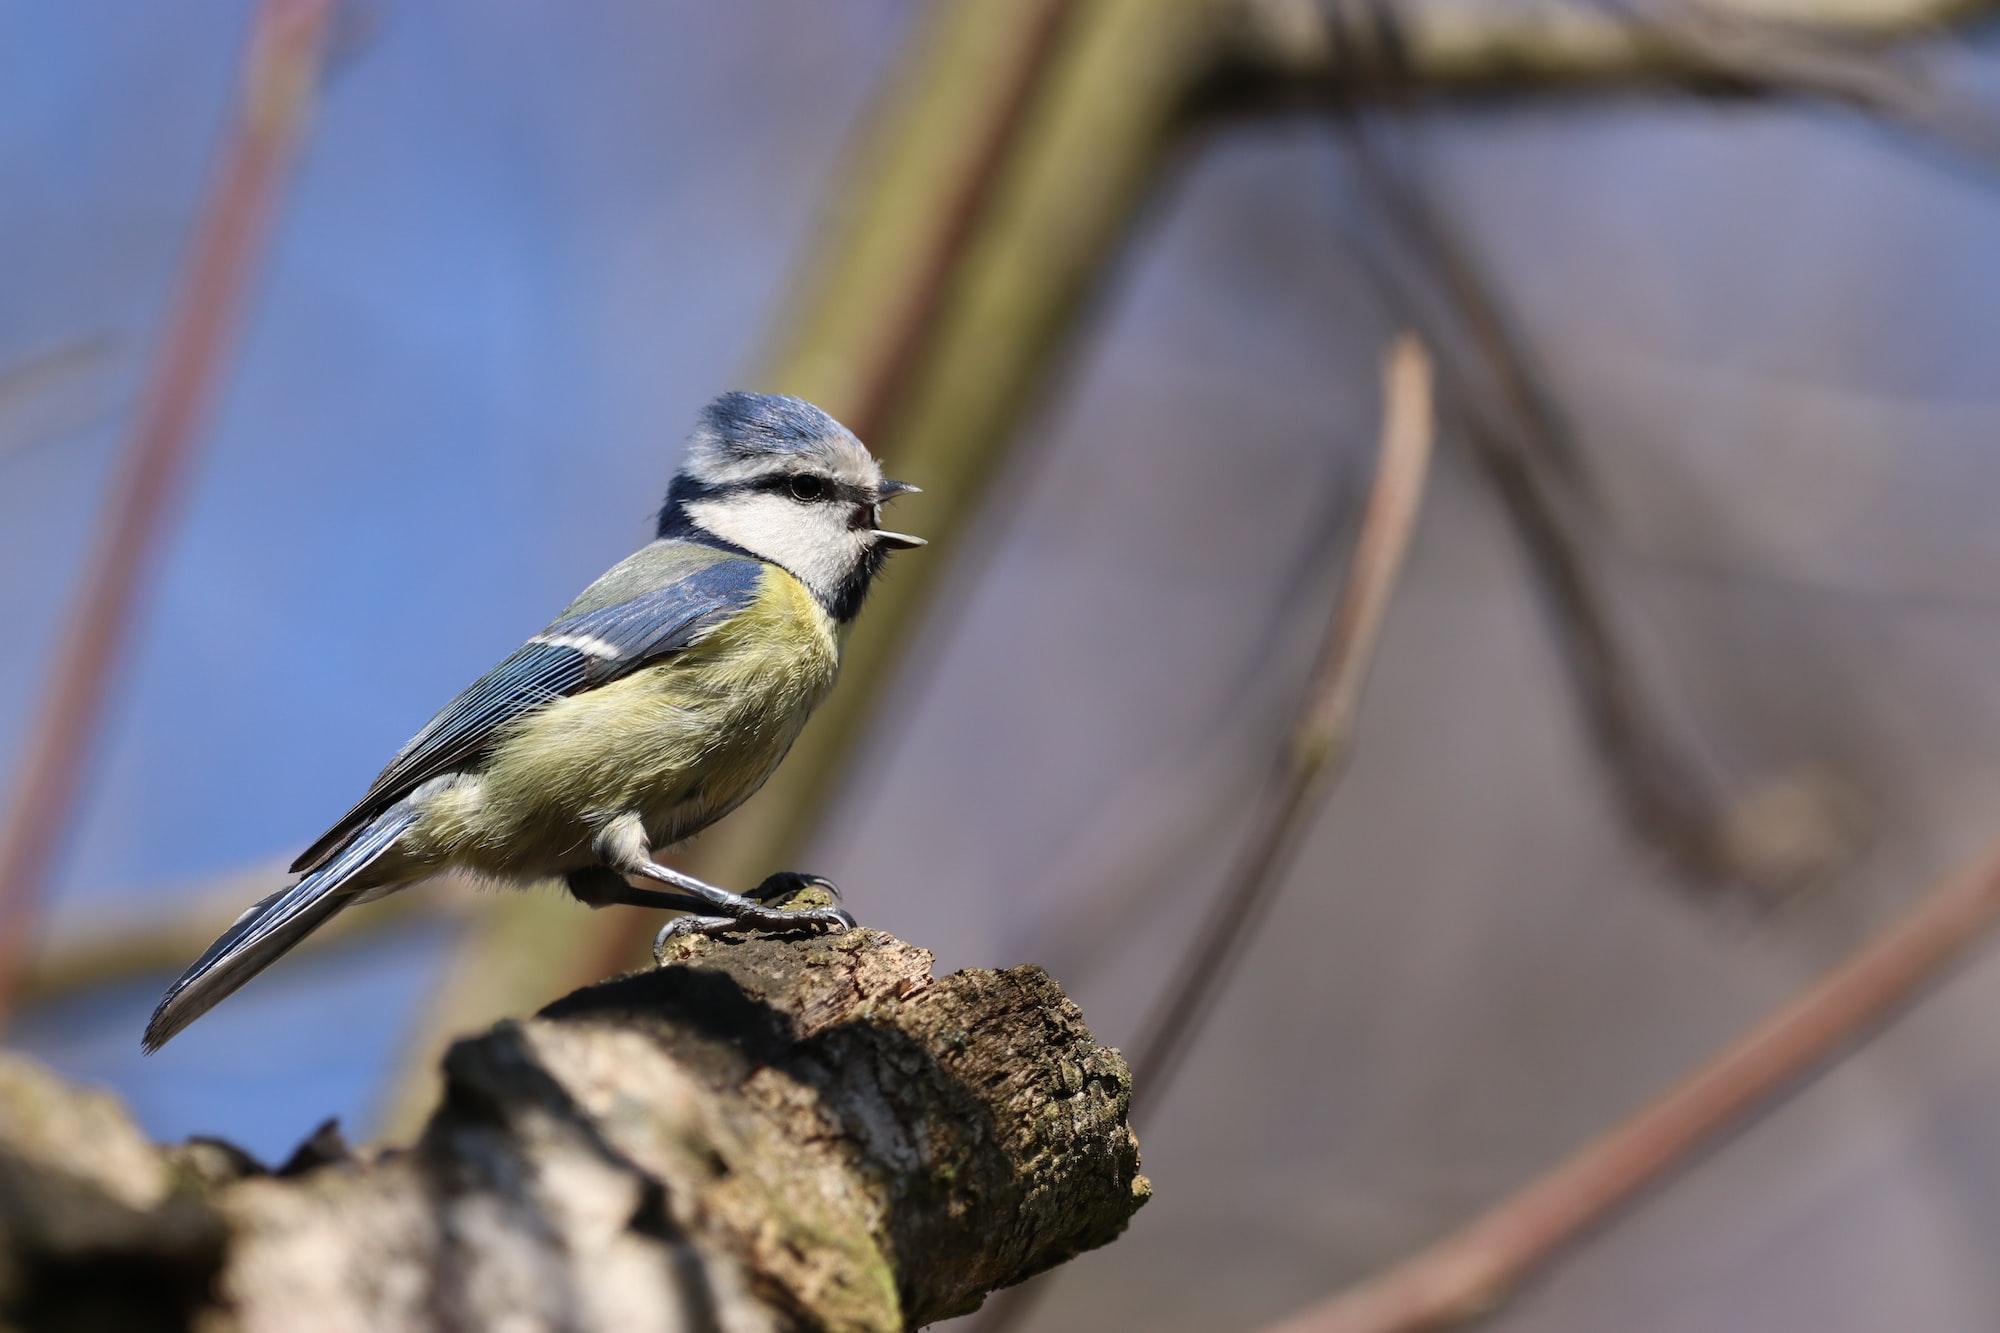 Birdwatching Adventures in Central Park